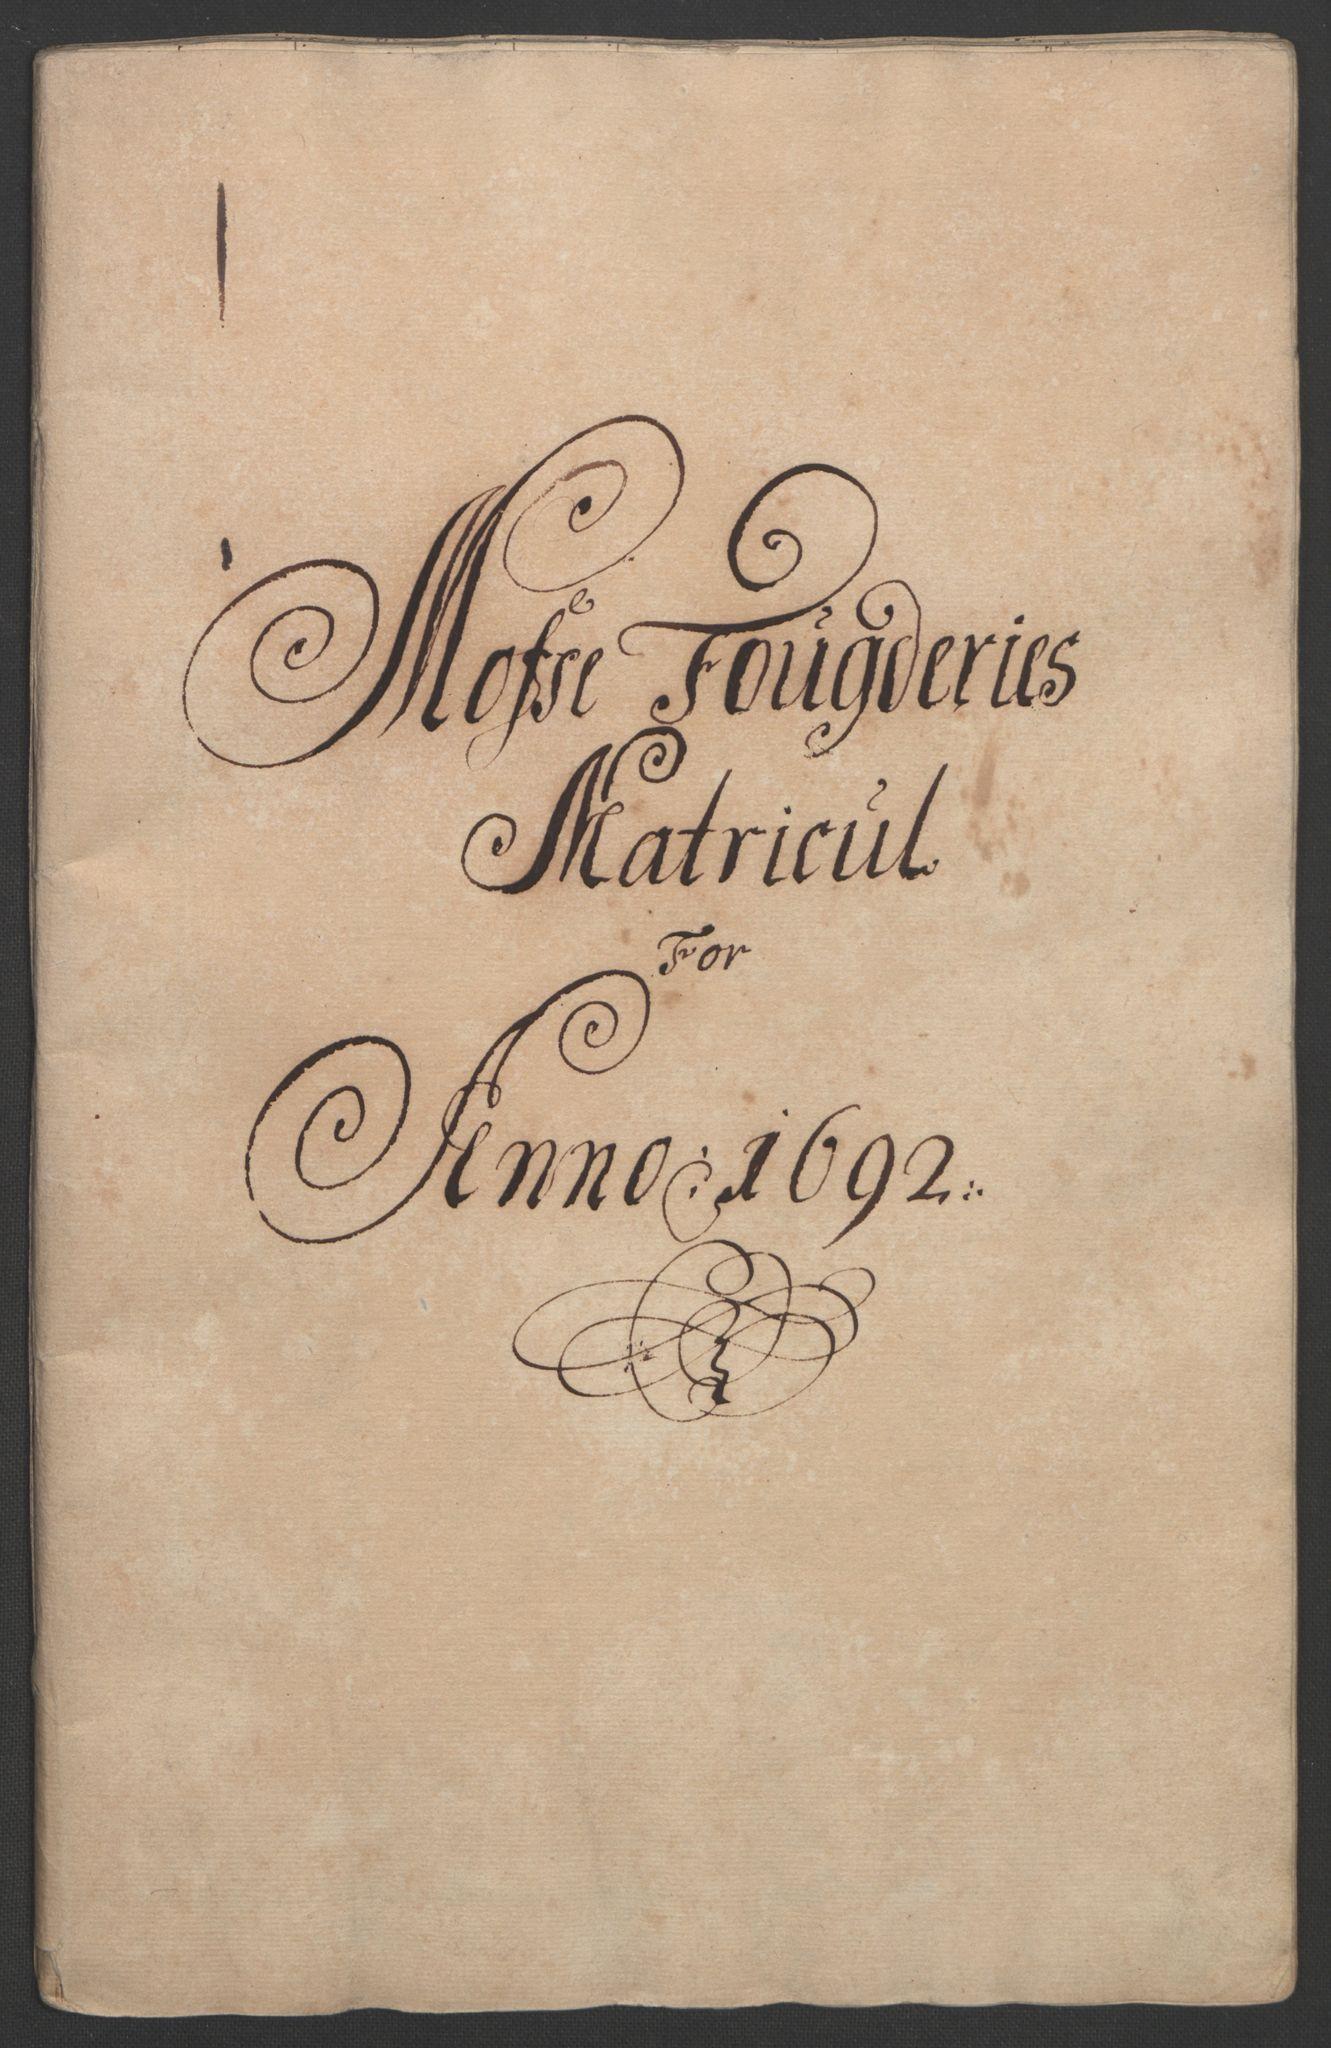 RA, Rentekammeret inntil 1814, Reviderte regnskaper, Fogderegnskap, R02/L0108: Fogderegnskap Moss og Verne kloster, 1692-1693, s. 62